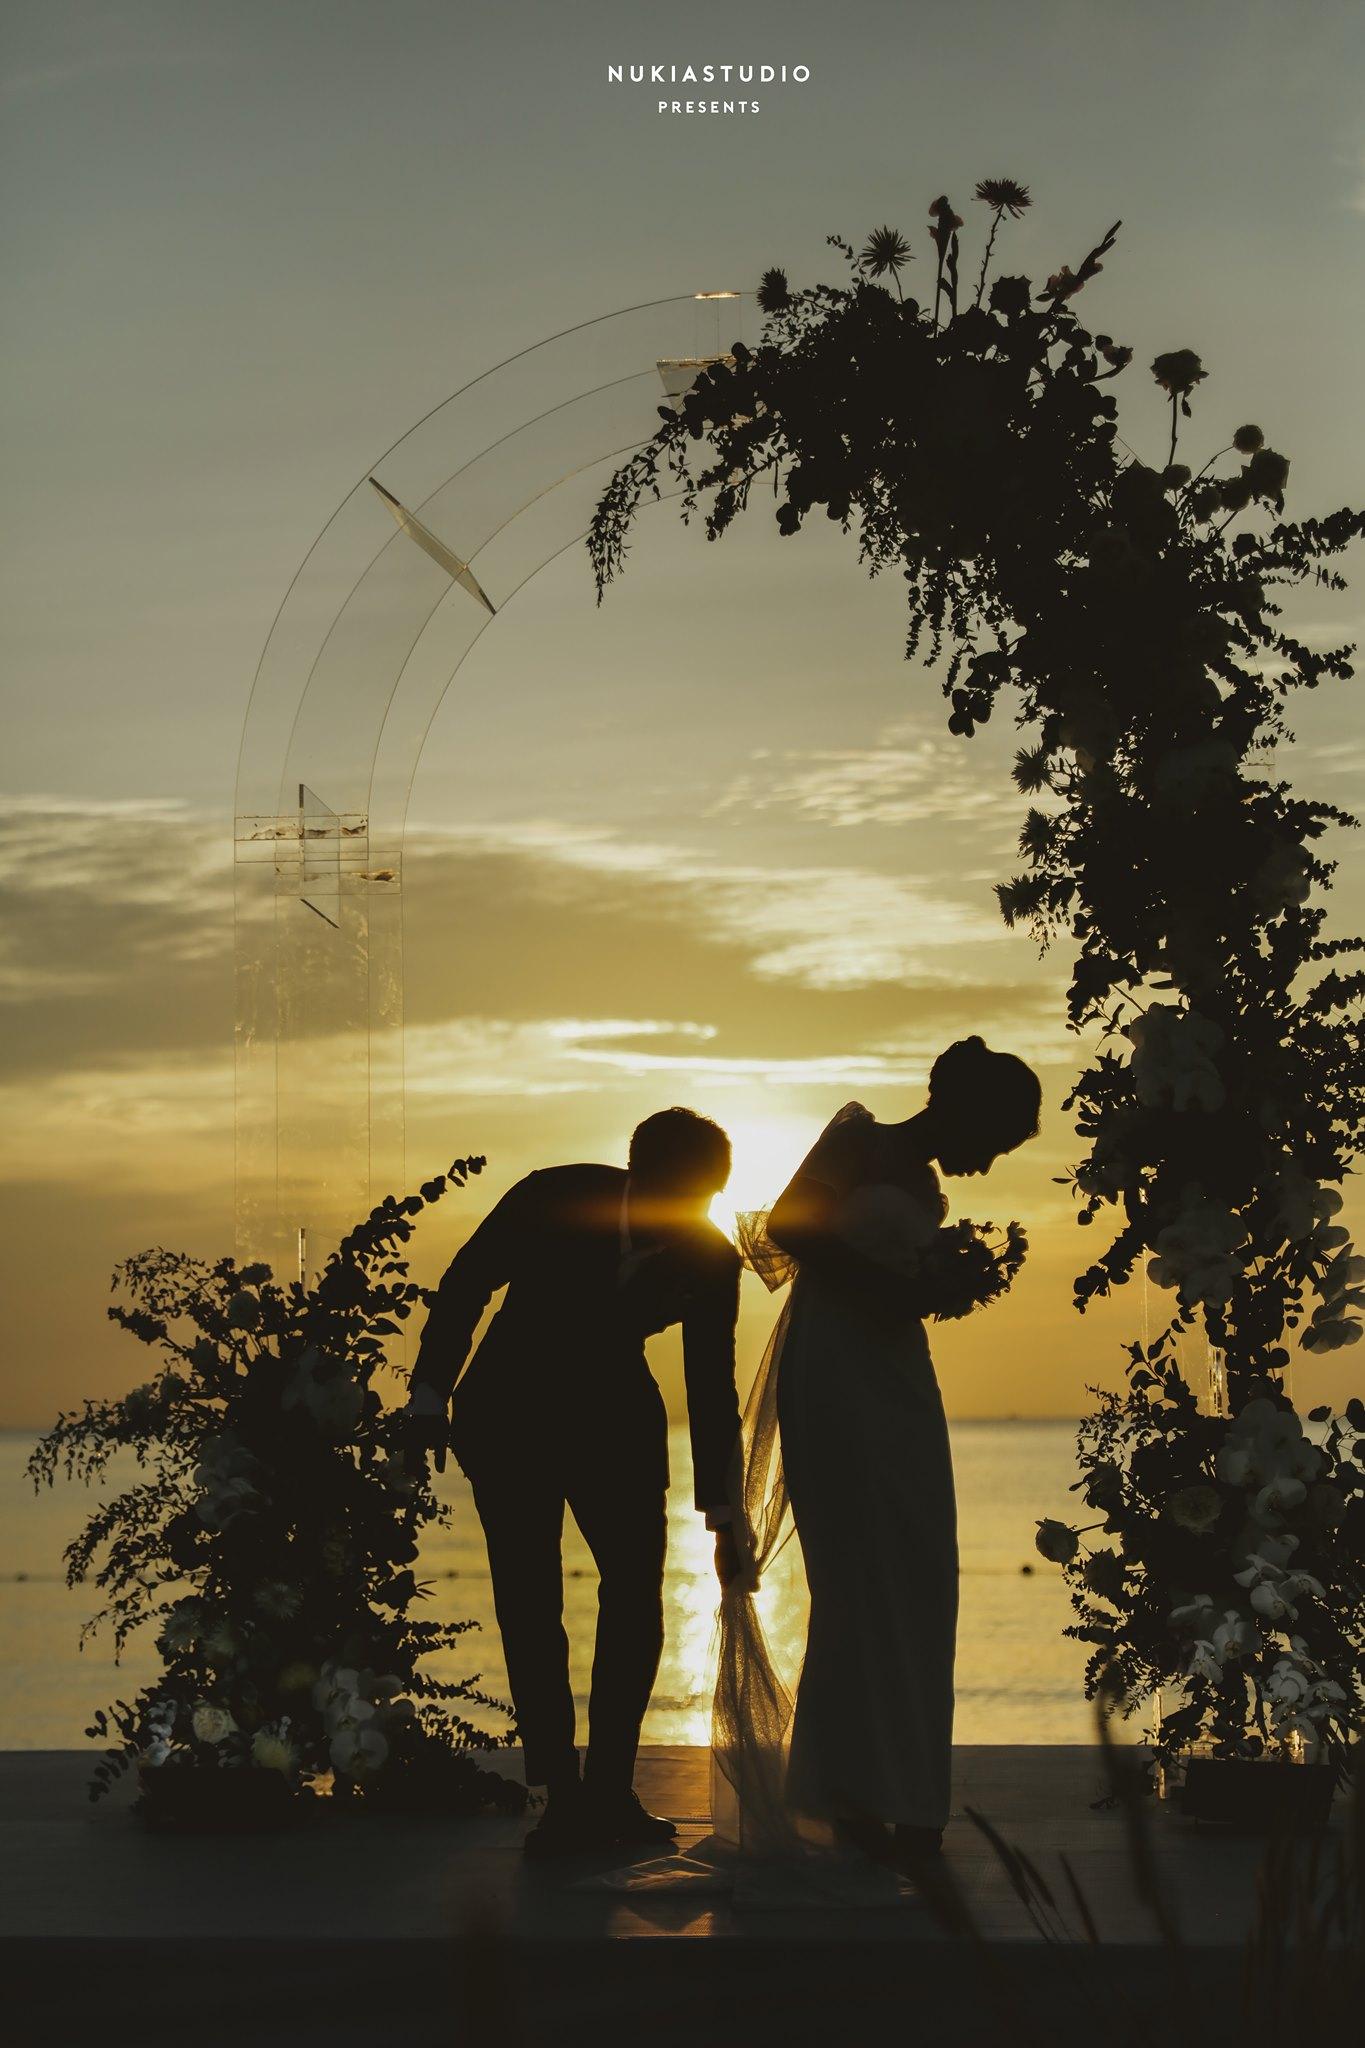 Đêm giao thừa, Công Phượng tung loạt ảnh full HD tuyệt đẹp trong 3 đám cưới hoành tráng